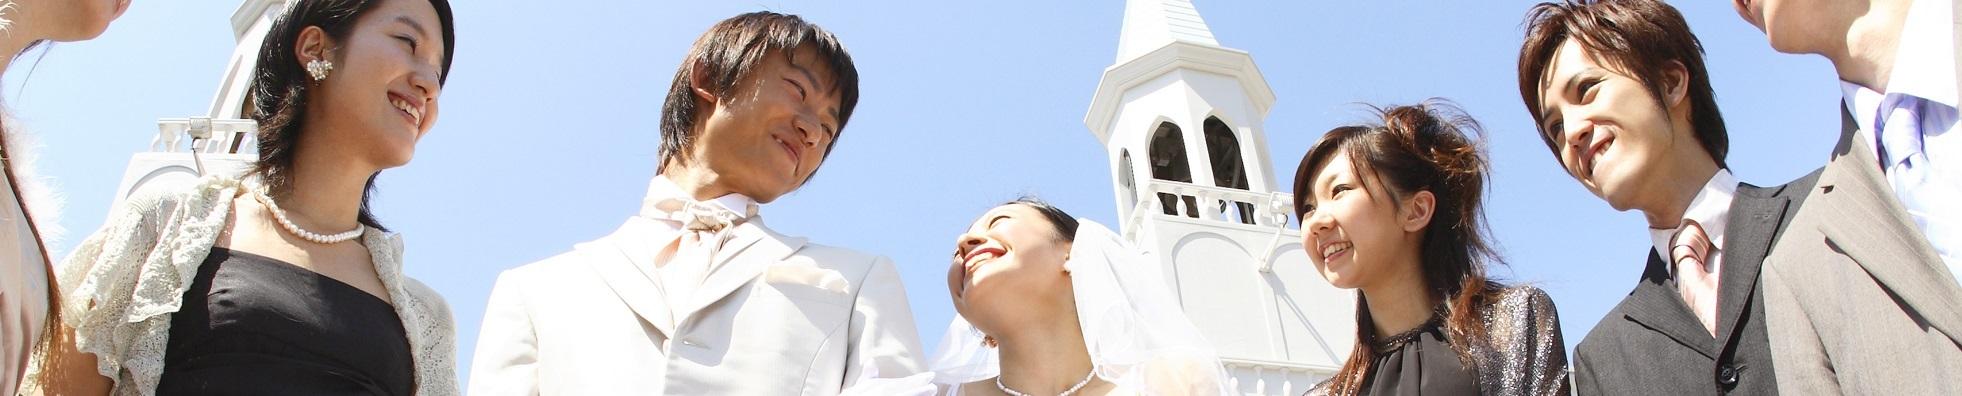 東出昌大と渡部健、女性はどちらの不倫を許せる?夫婦恋愛で浮気封じの基本2